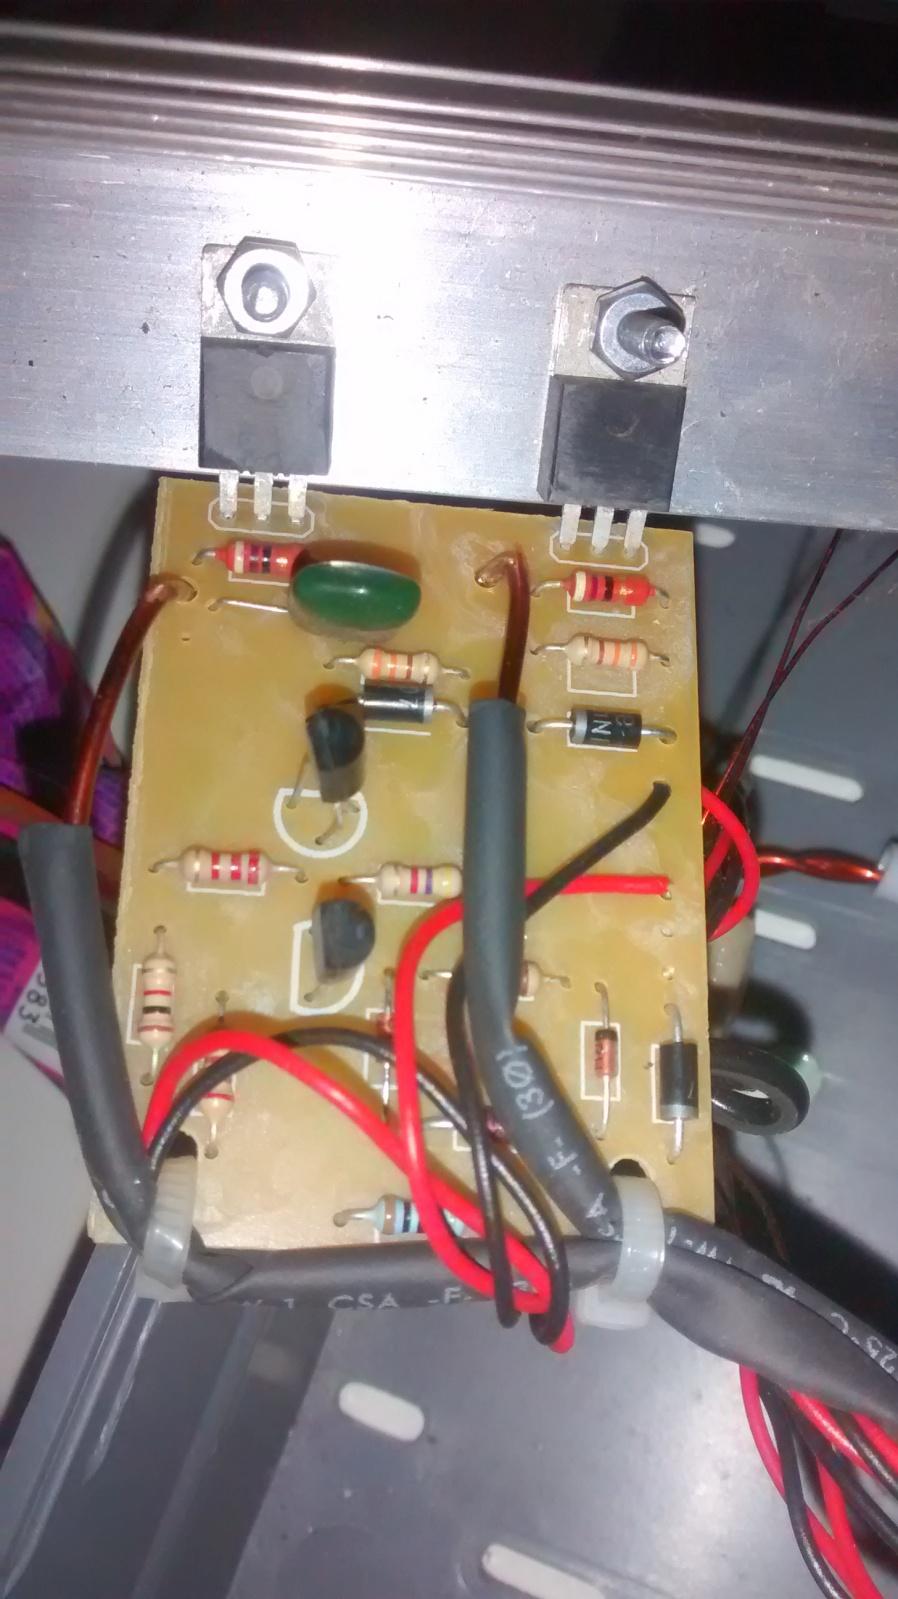 Ajuda com Carregador de baterias flutuador, com mosfet Eu1v1t